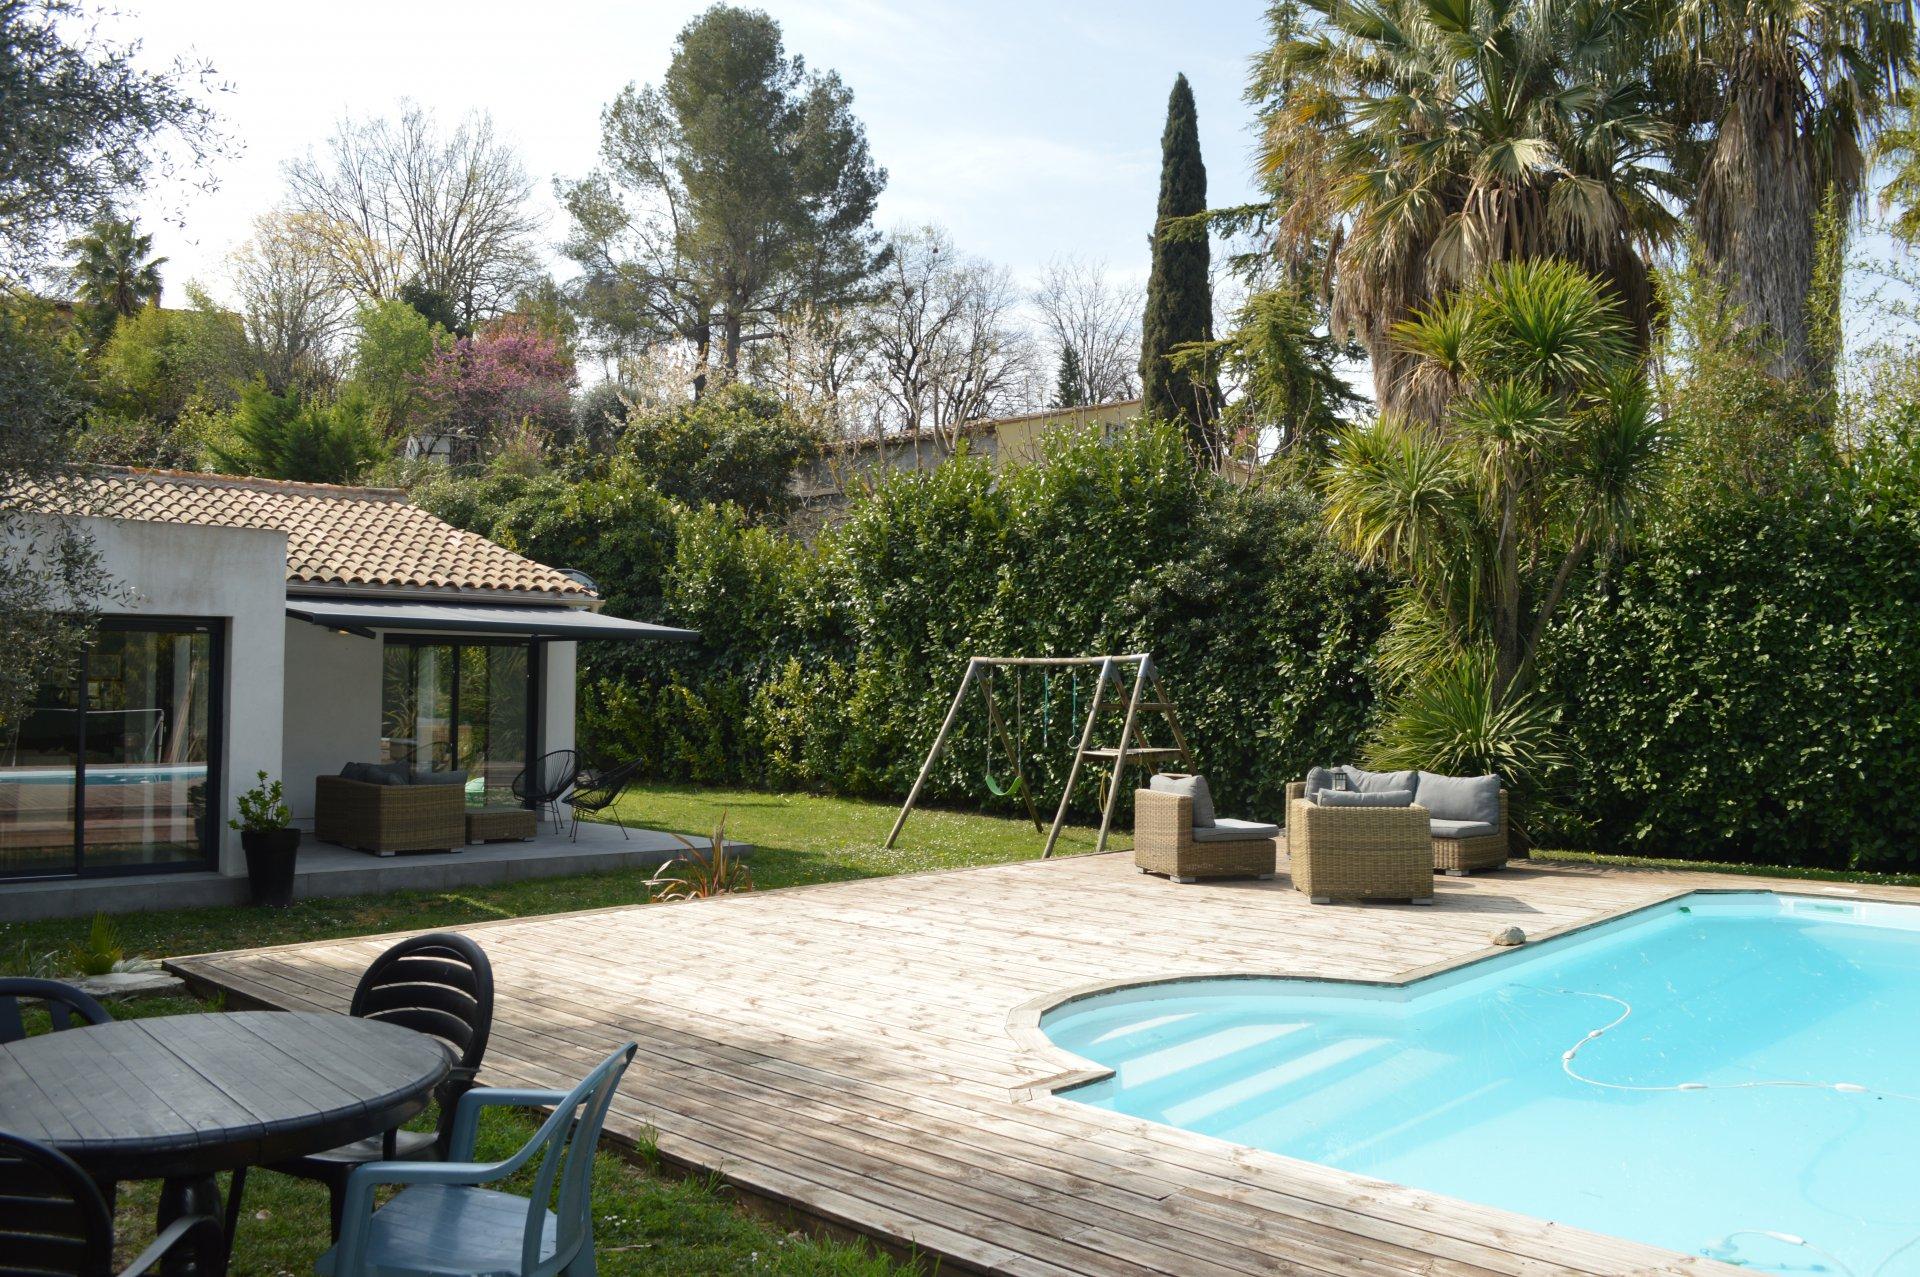 Vendita Casa - Le Rouret